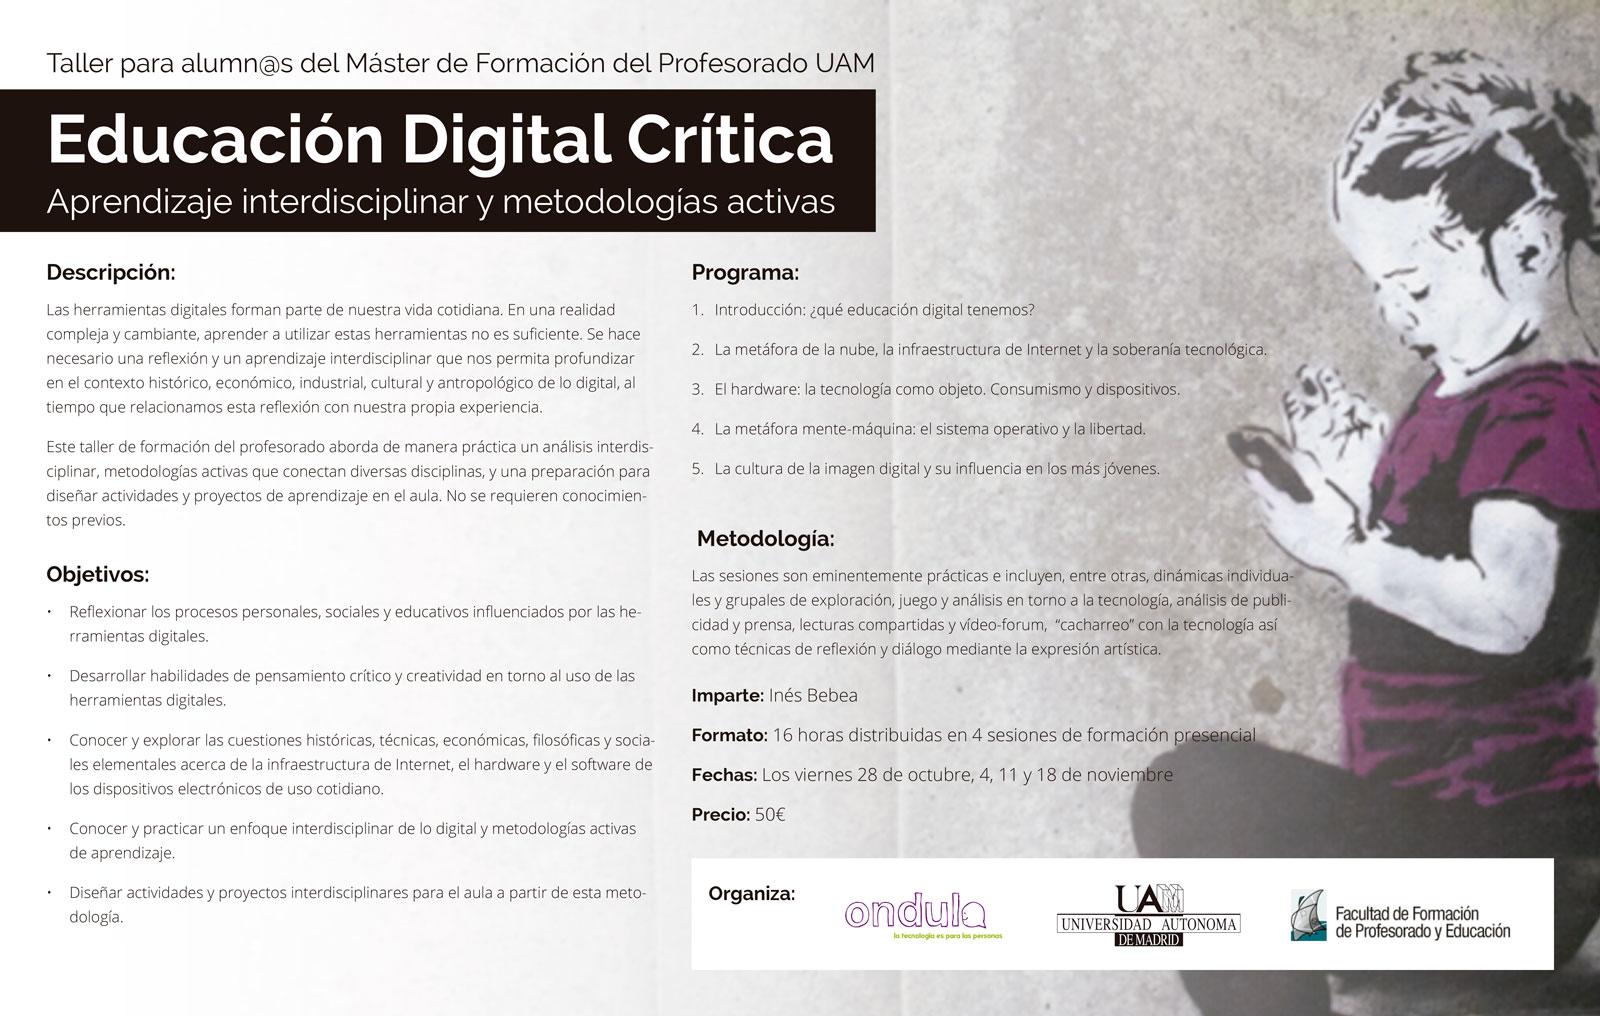 Dossier del Curso de Educación Digital Crítica en Universidad Autónoma de Madrid